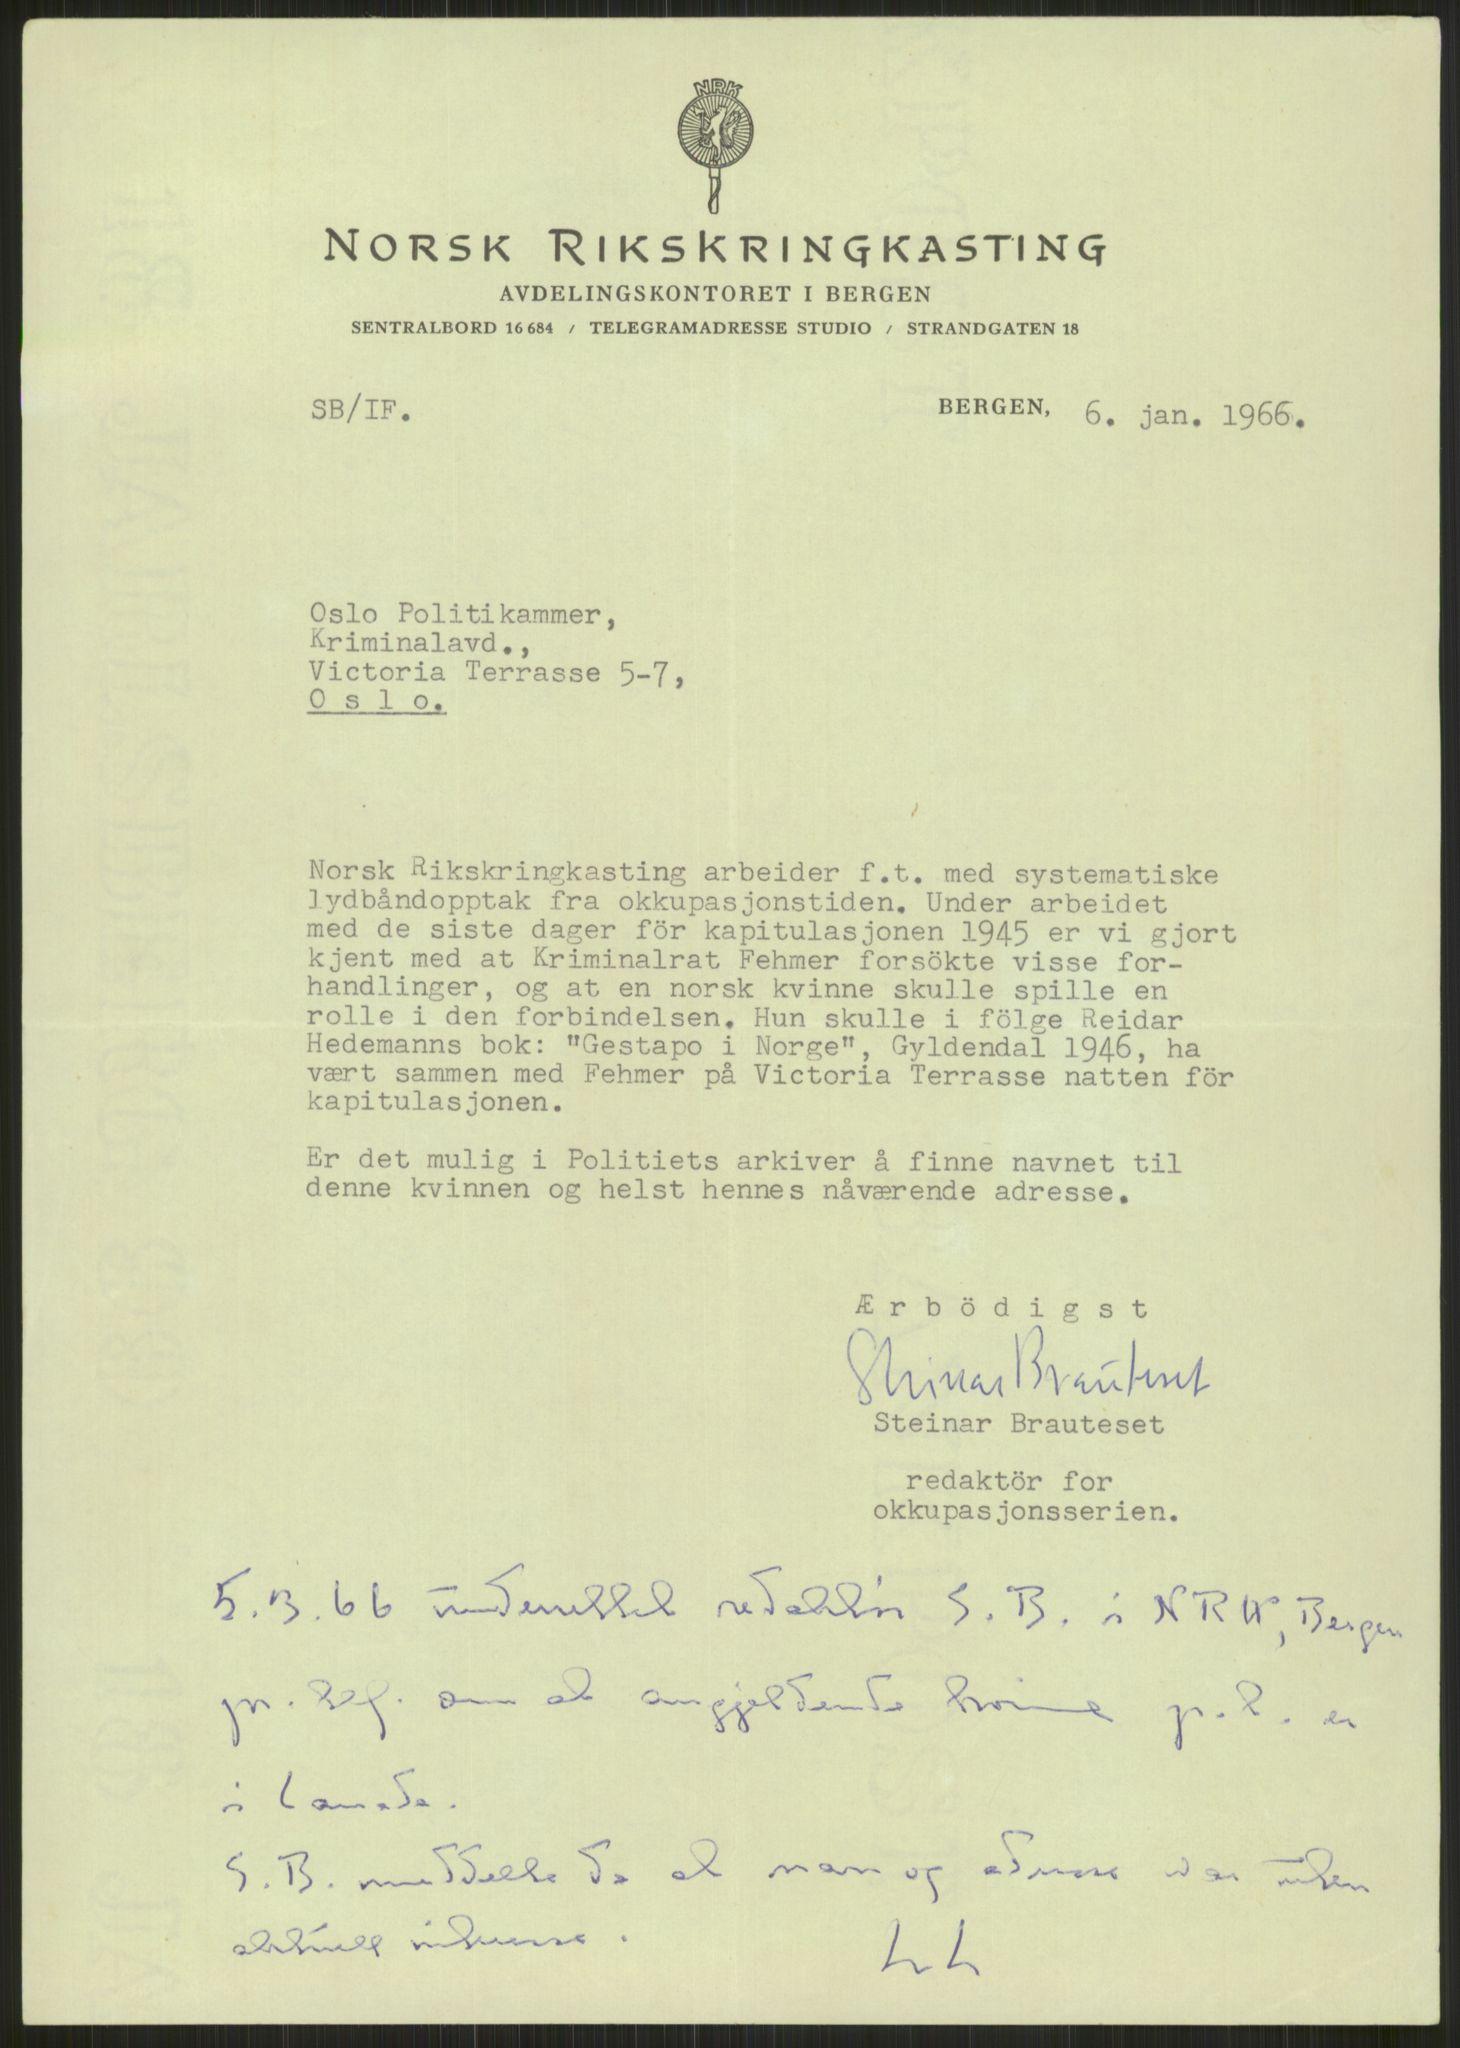 RA, Landssvikarkivet, Oslo politikammer, D/Dg/L0267: Henlagt hnr. 3658, 1945-1946, s. 7